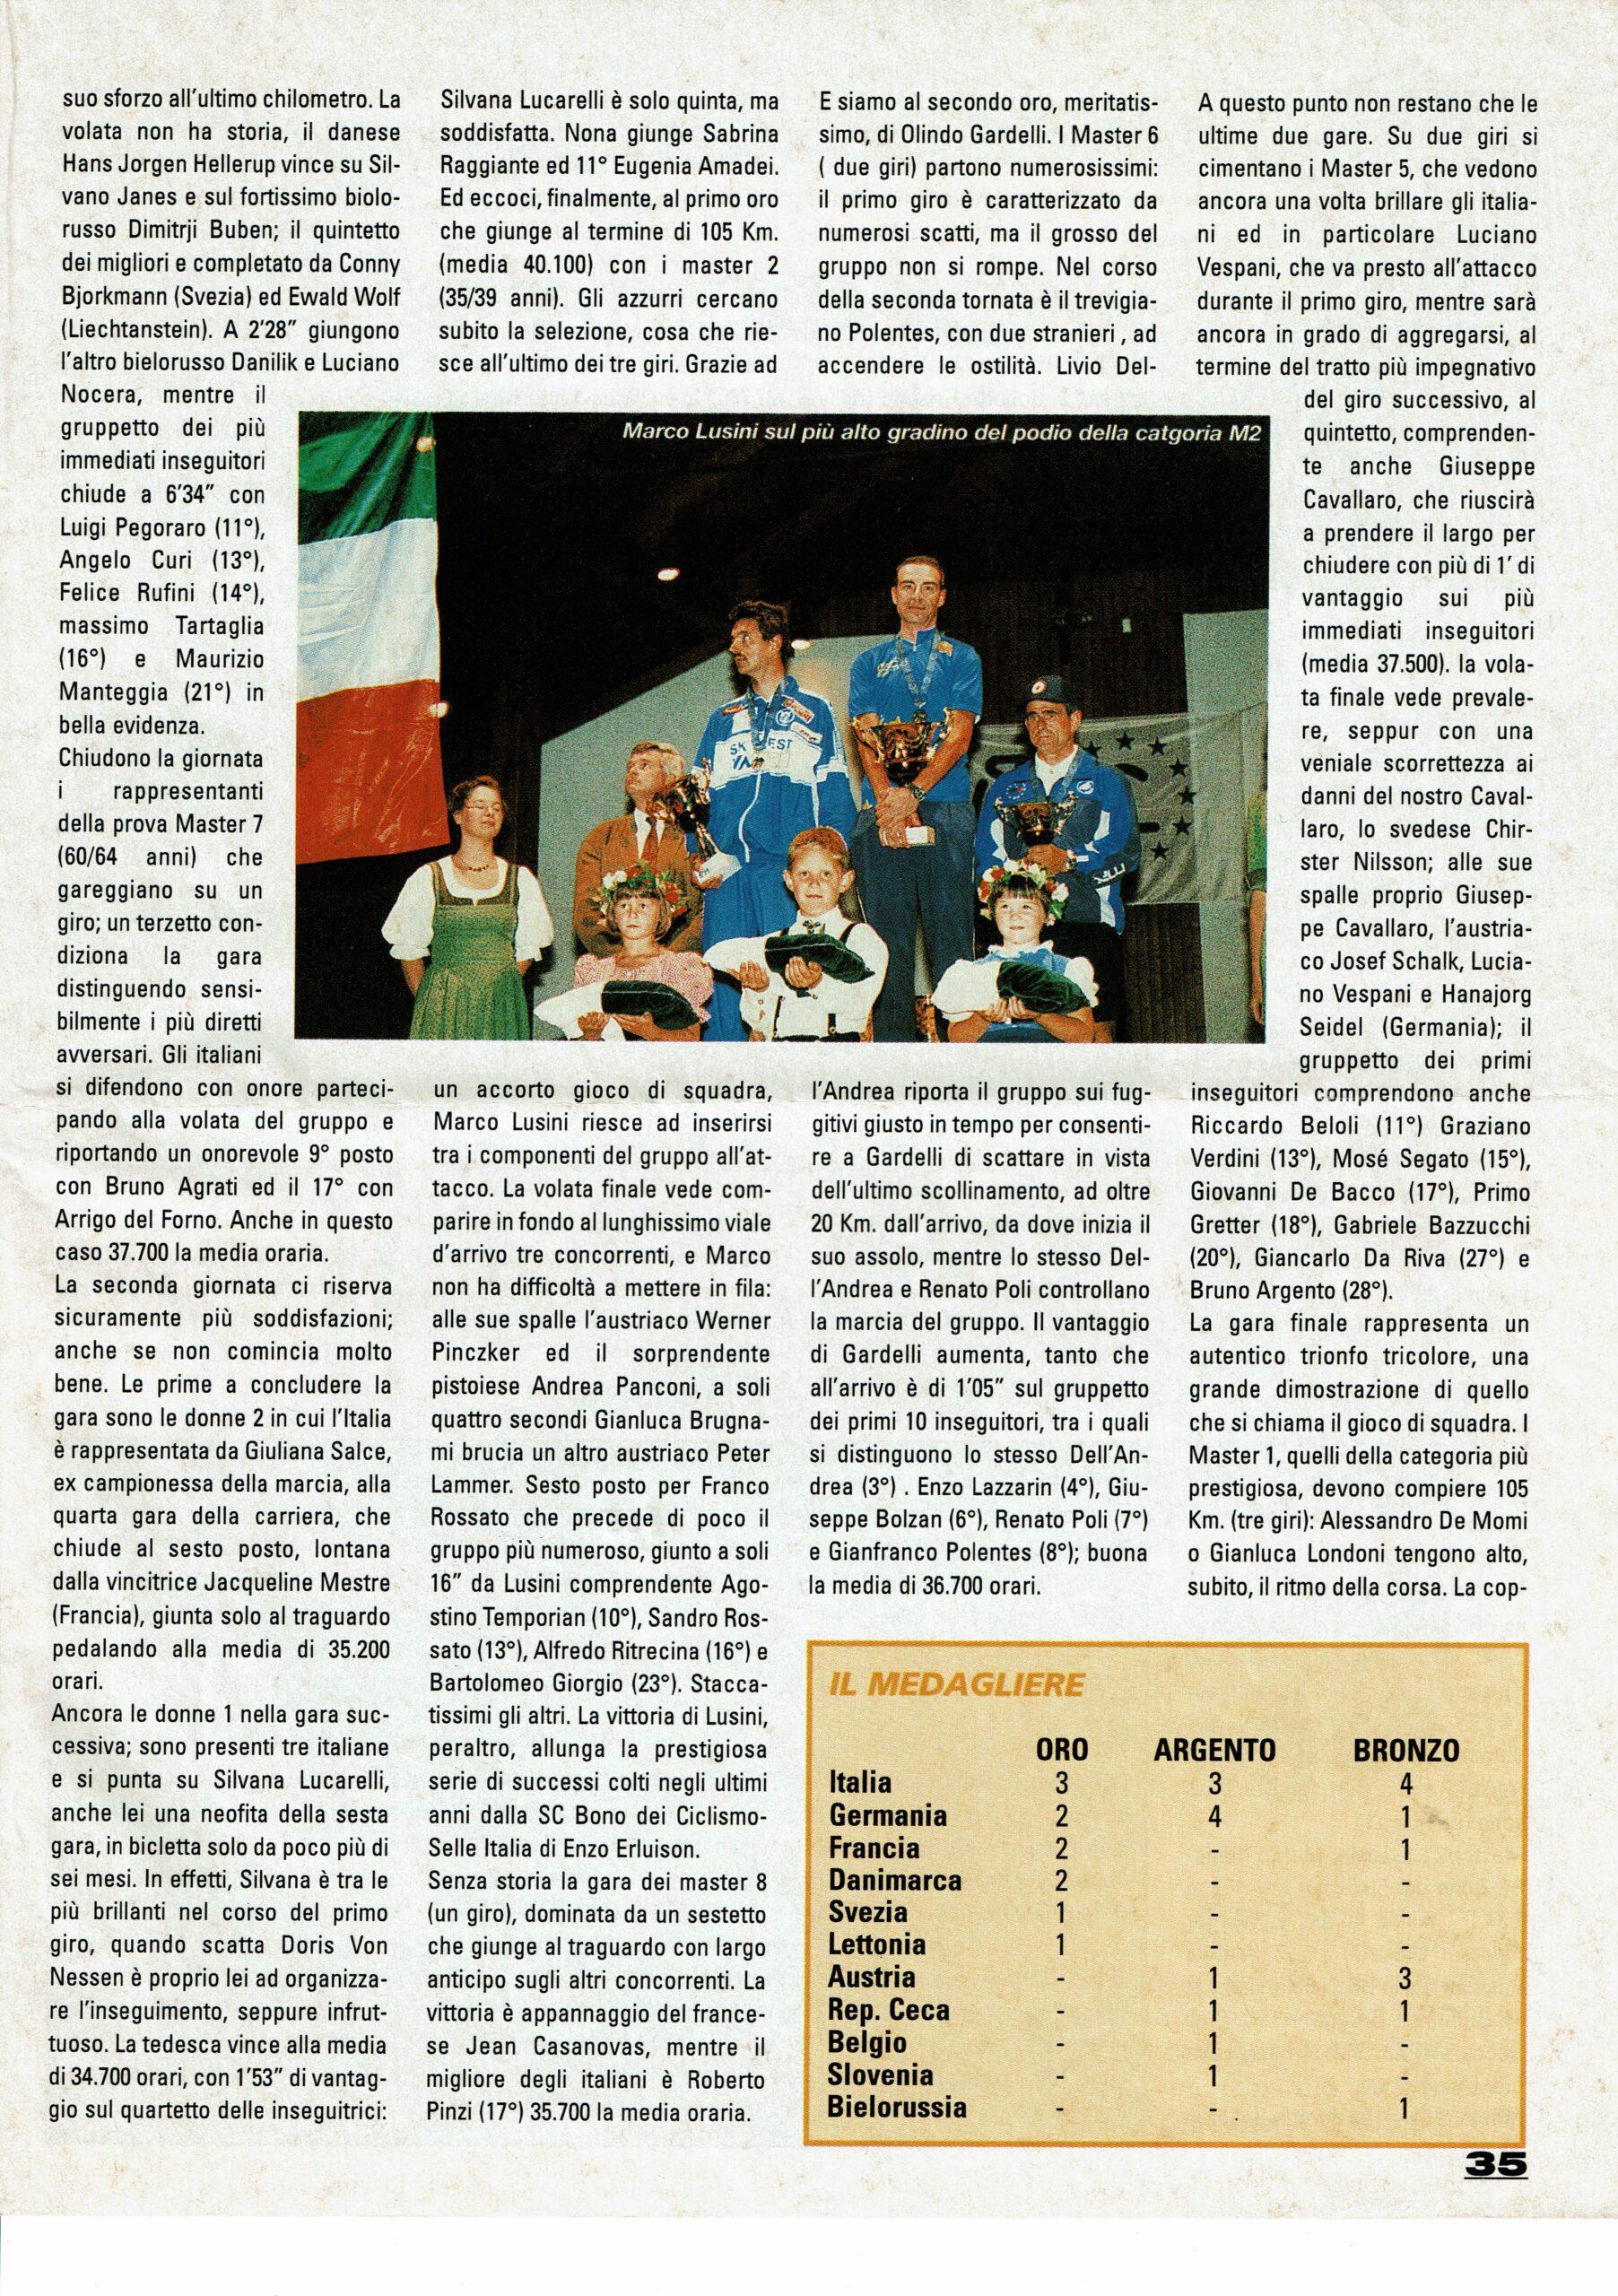 25_2 Europei Agosto 1999